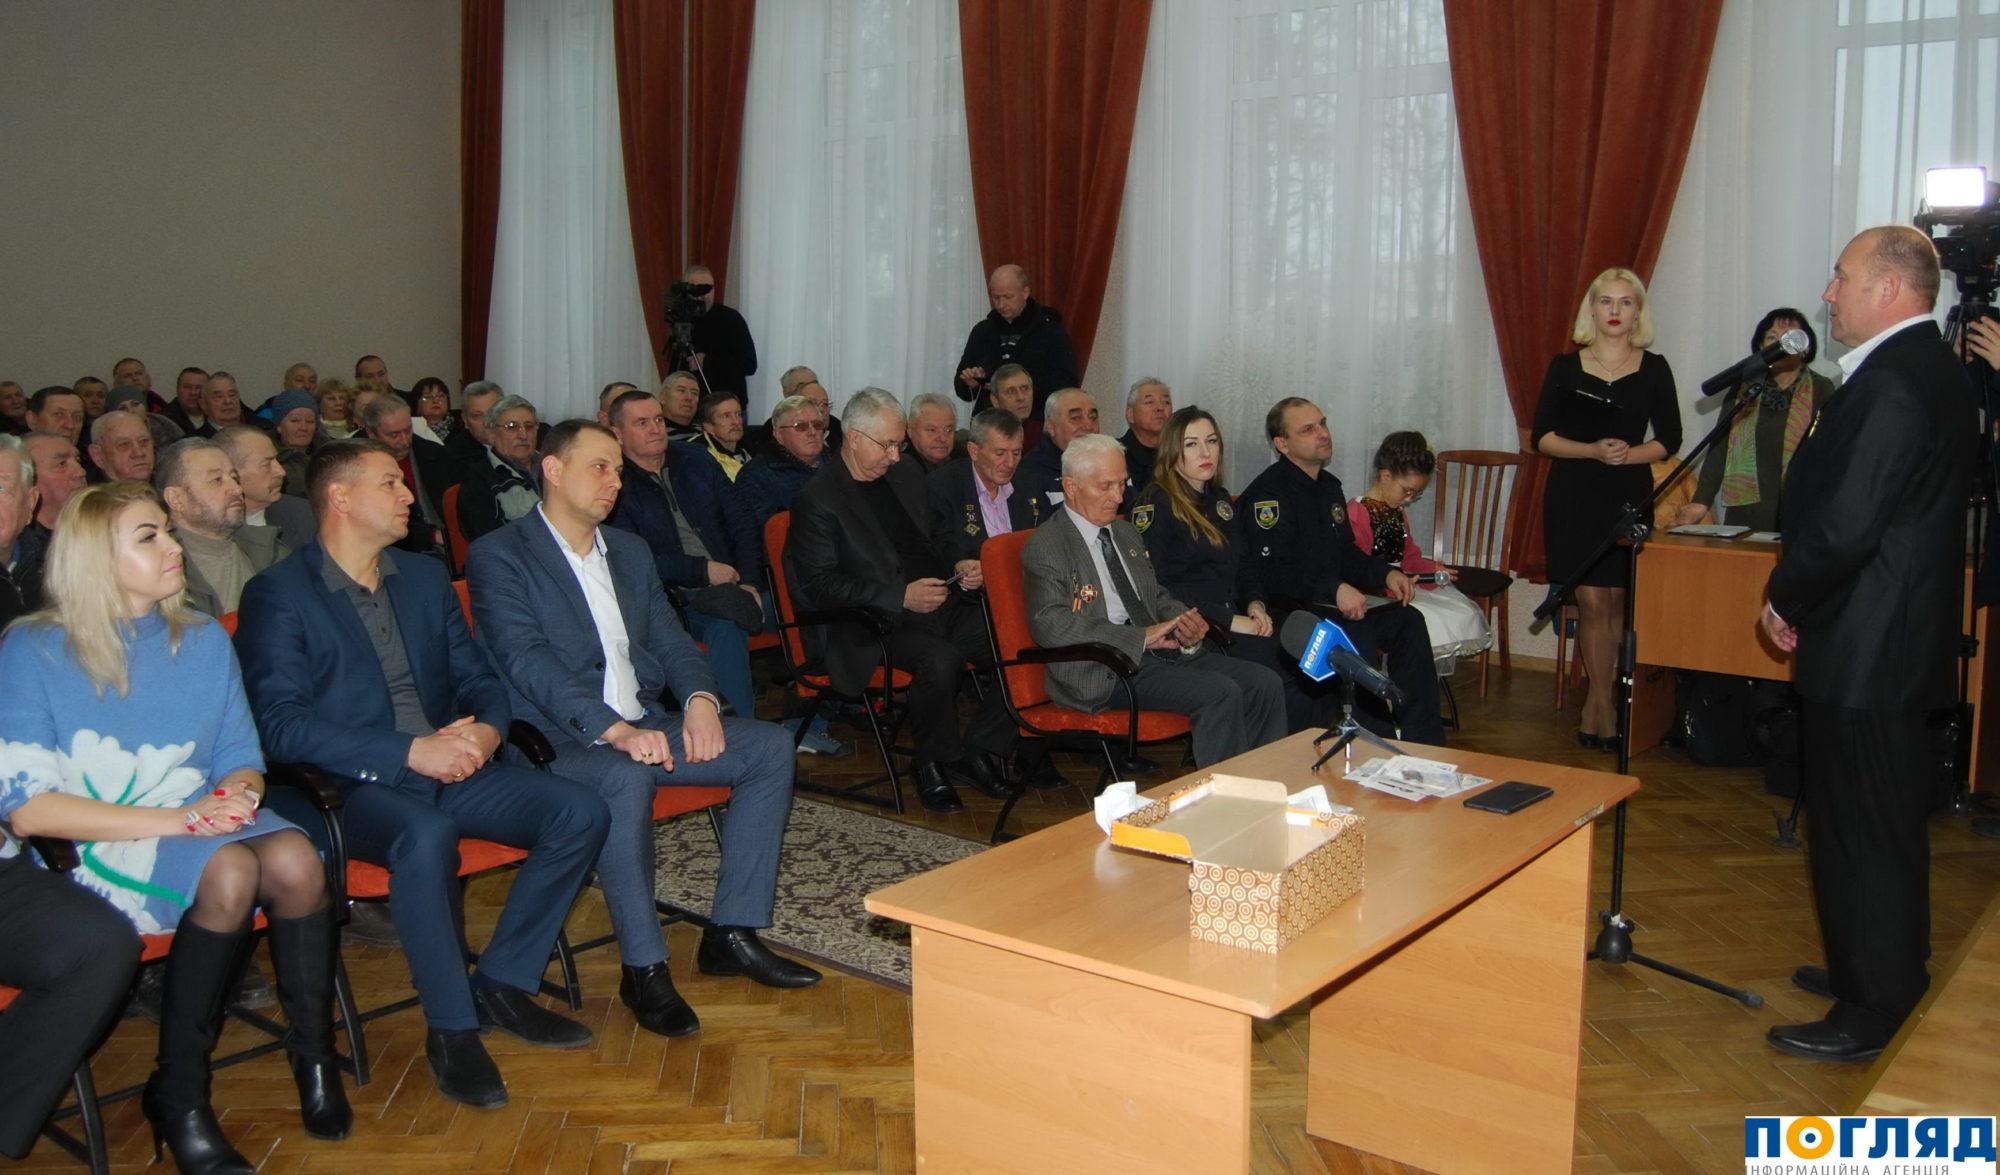 000DSC_3611-2000x1175 «Поїхали, атомна вибухнула»: у Василькові вшанували ліквідаторів аварії на ЧАЕС